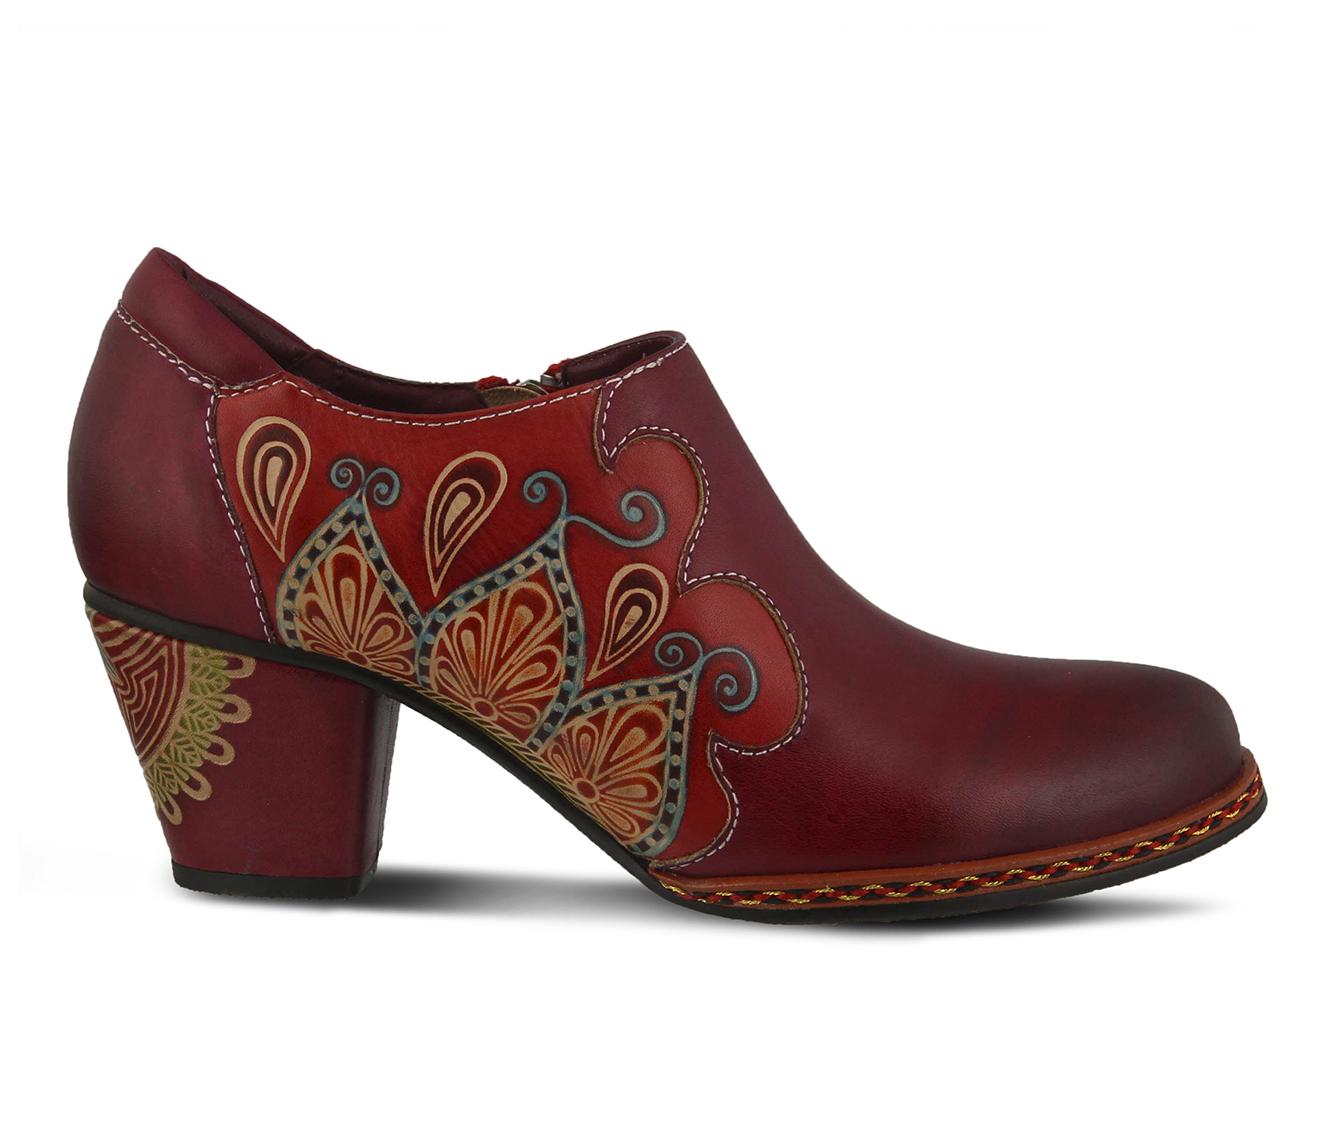 L'Artiste Zami Women's Dress Shoe (Red Leather)